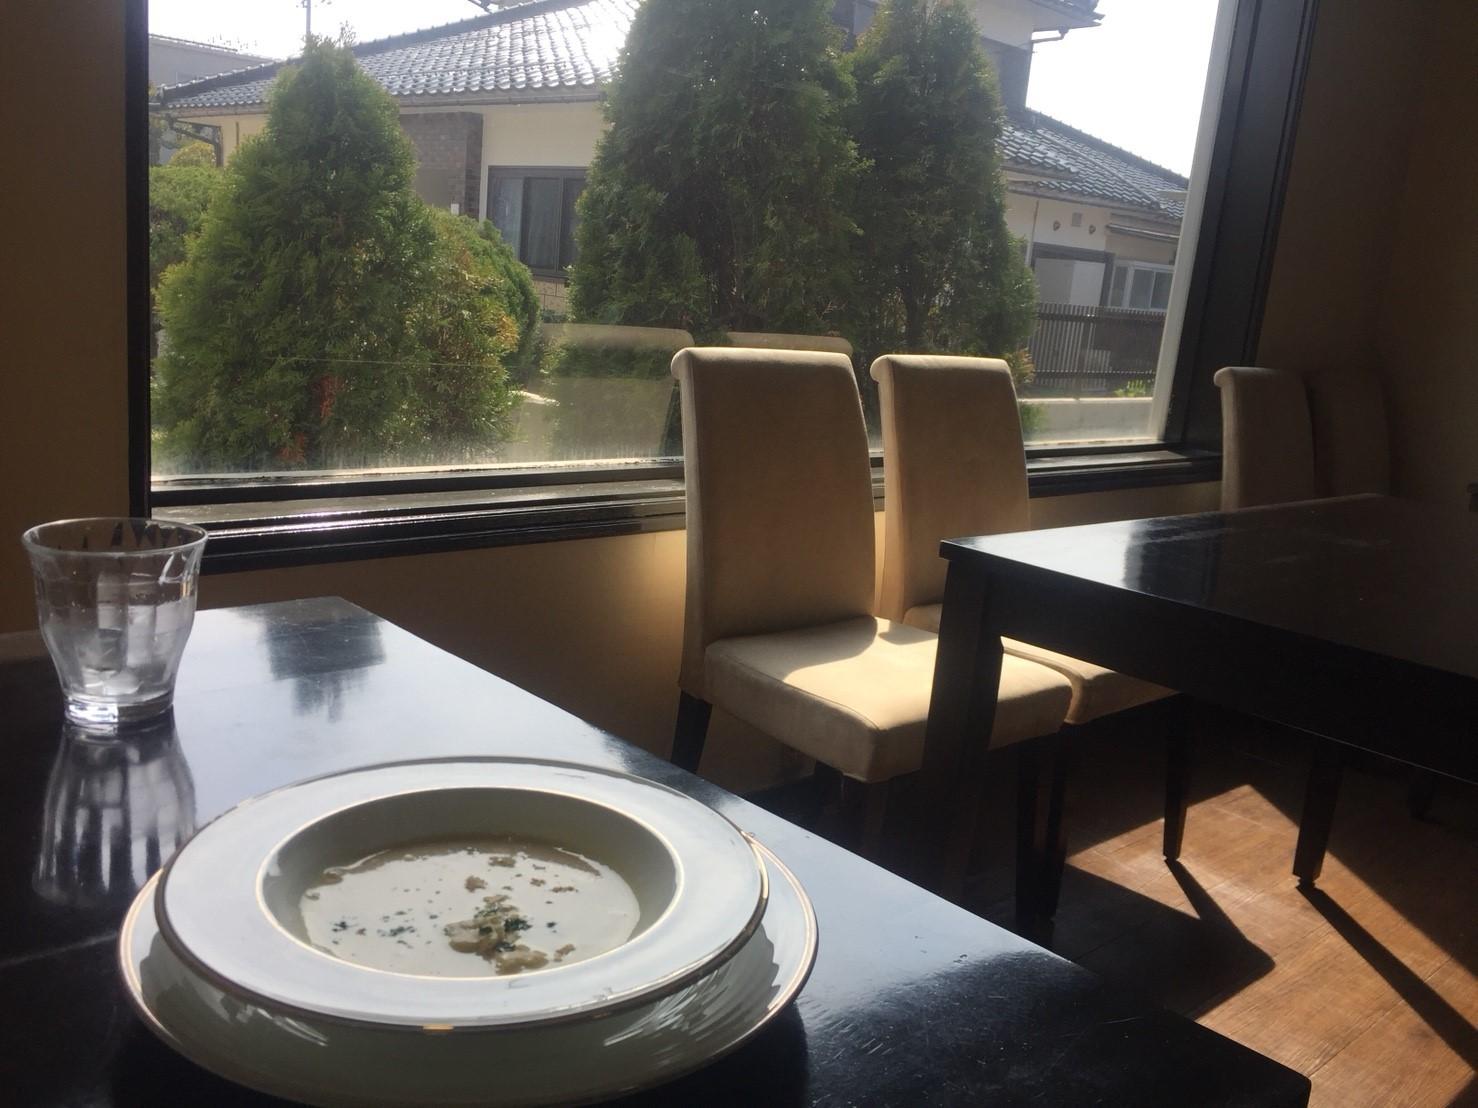 cafe & restaurant アンドリュース  ランチ  ミックスフライセット_e0115904_07182212.jpg